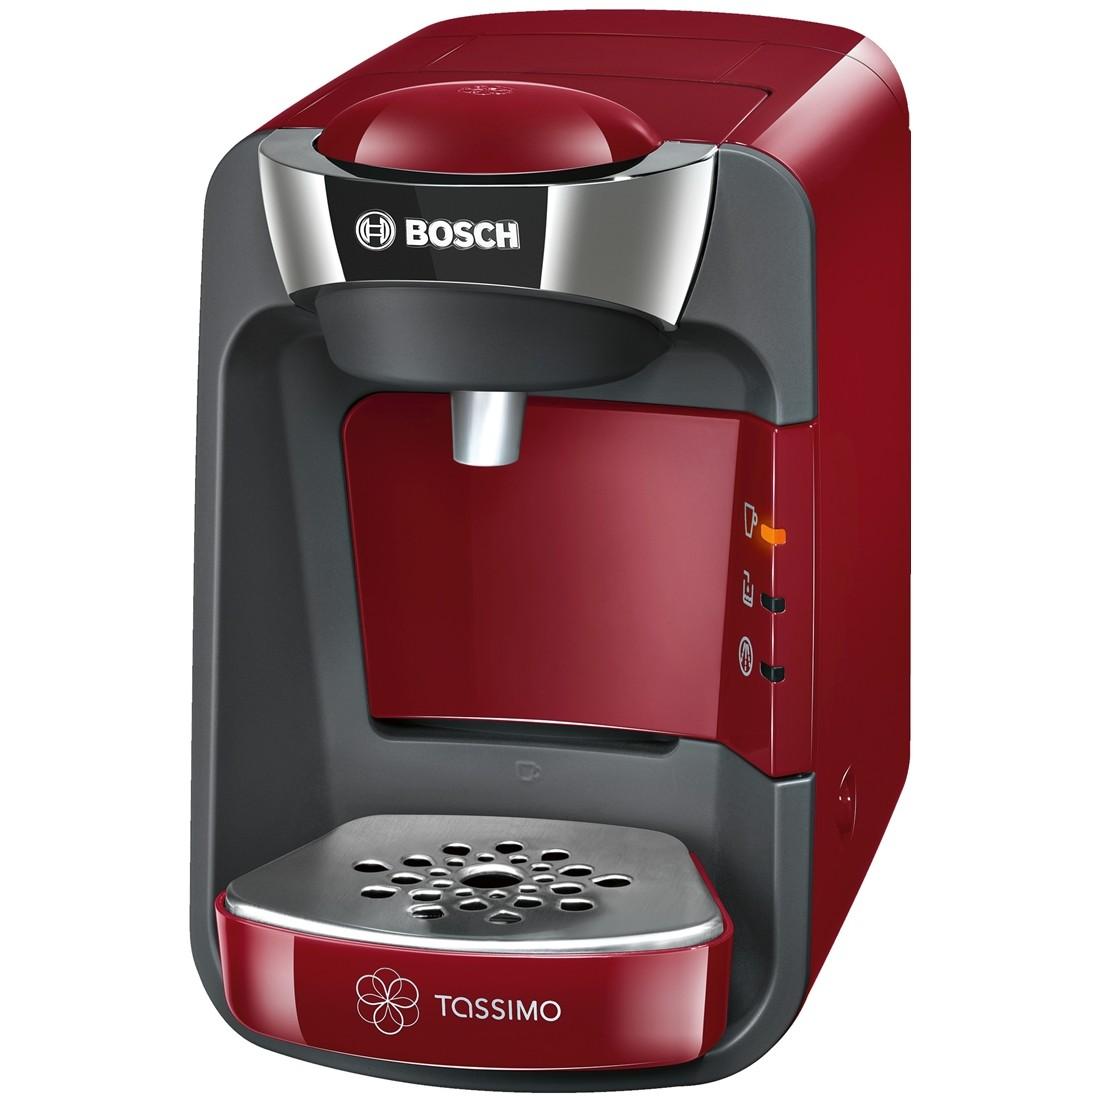 kávovar BOSCH Tassimo TAS3203